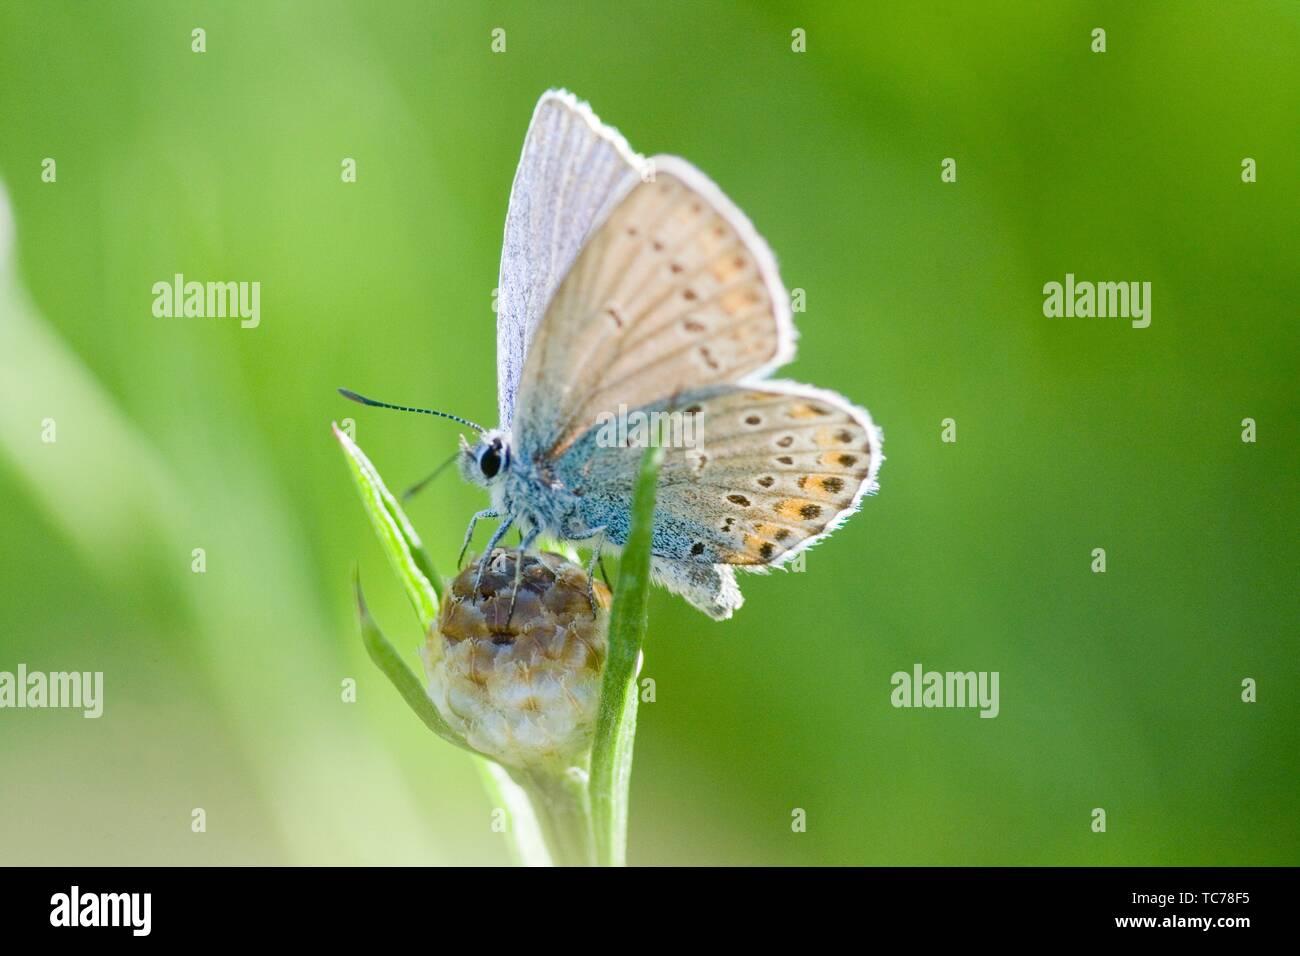 Amanda è blu, Polyommatus amandus. Distinti blue butterfly che ha lunules arancione sulla hindwing superiore, ma mancante sul forewing. Butterfly è polvere Immagini Stock